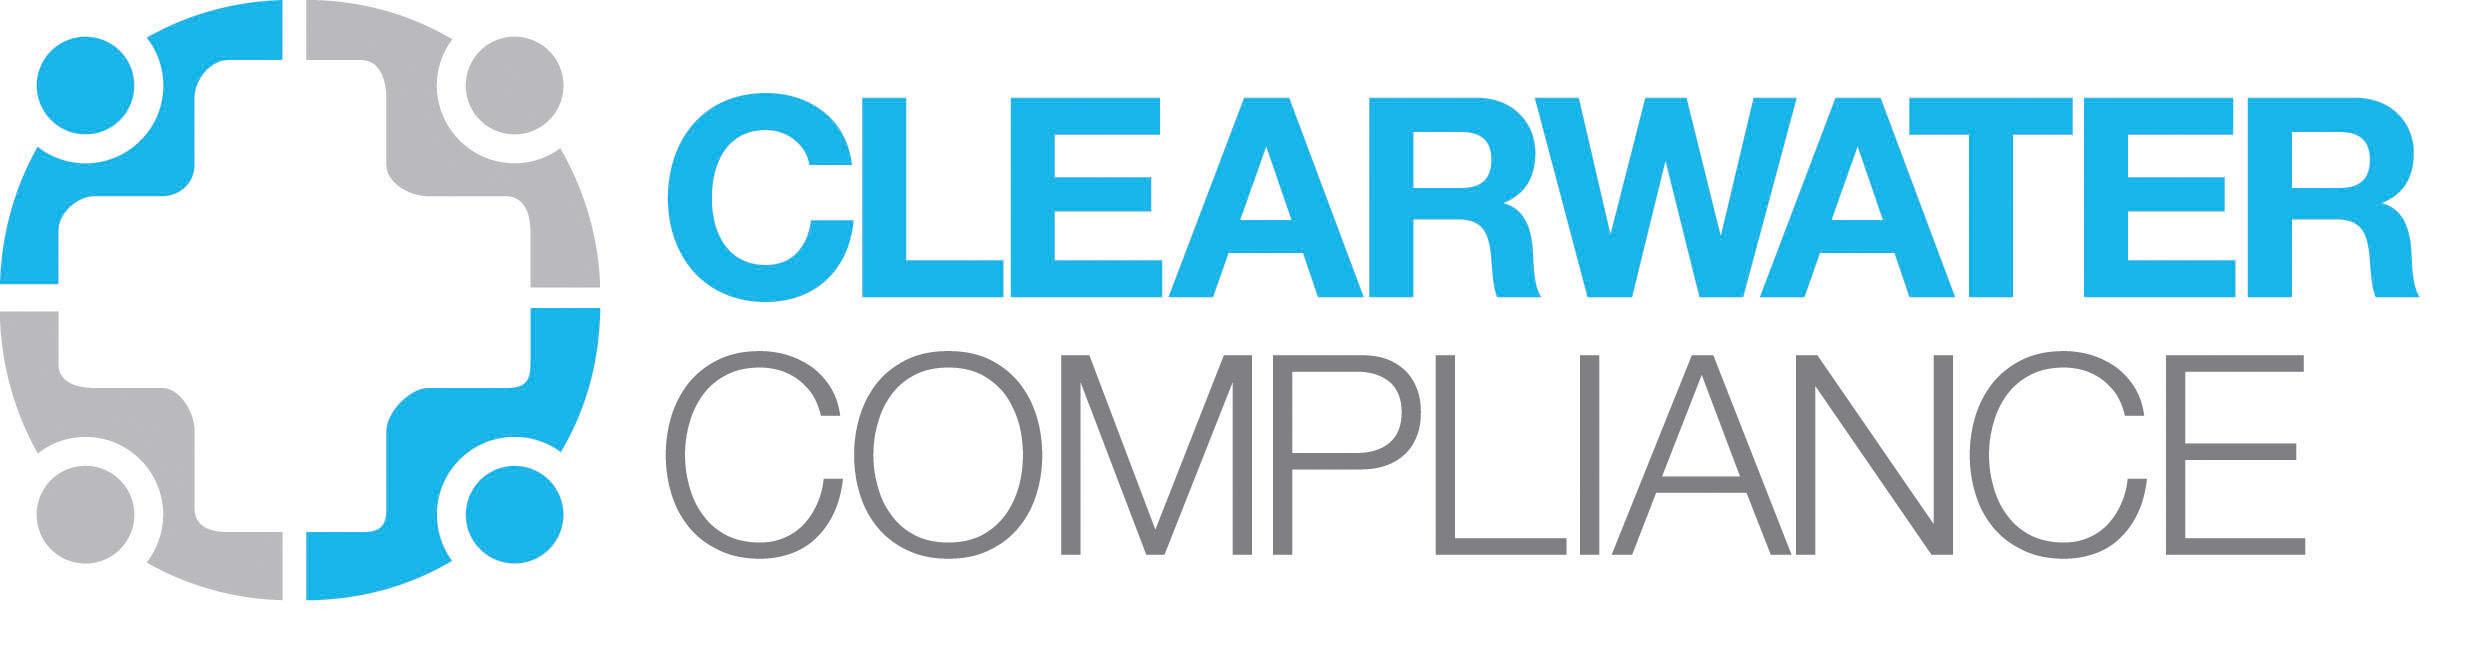 ClearwaterCompliance